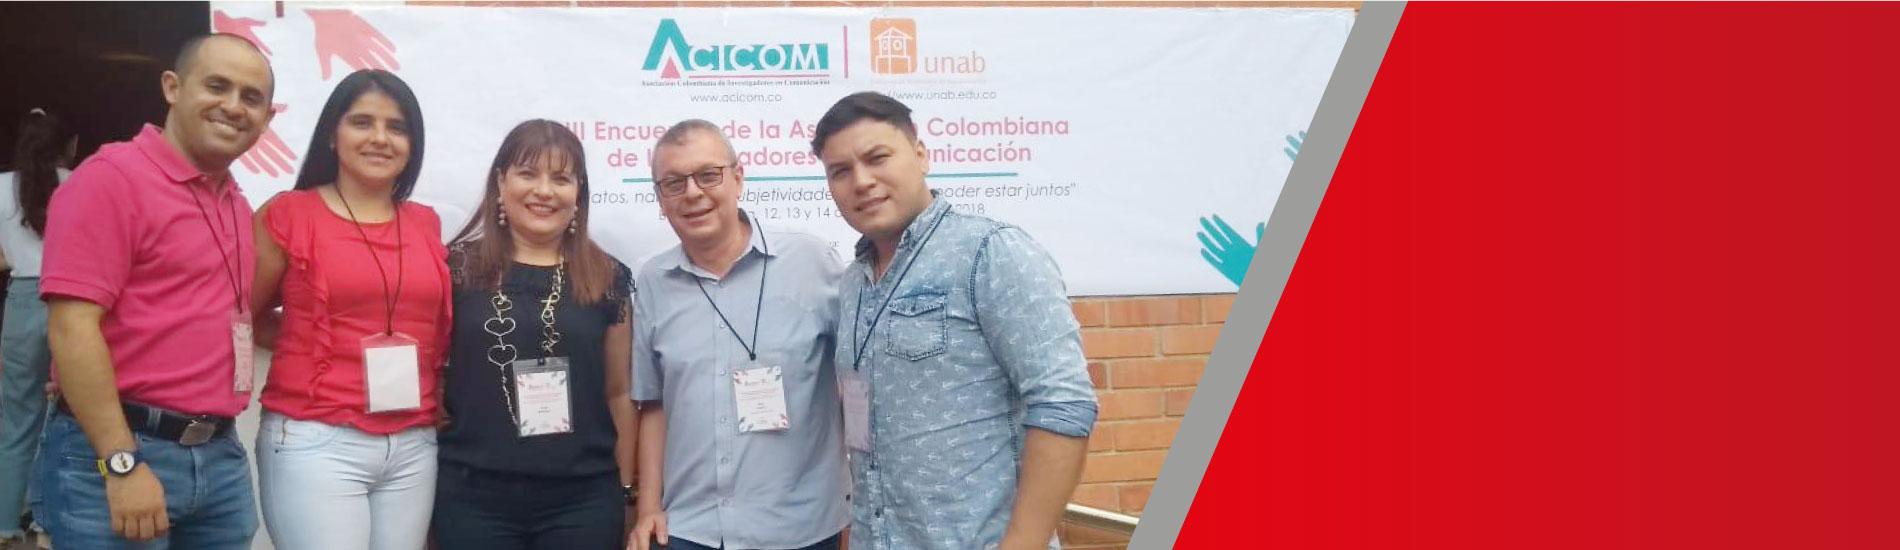 Con cinco productos, programa de Comunicación Social participó en el III Encuentro de la Asociación de Investigadores en Comunicación – ACICOM